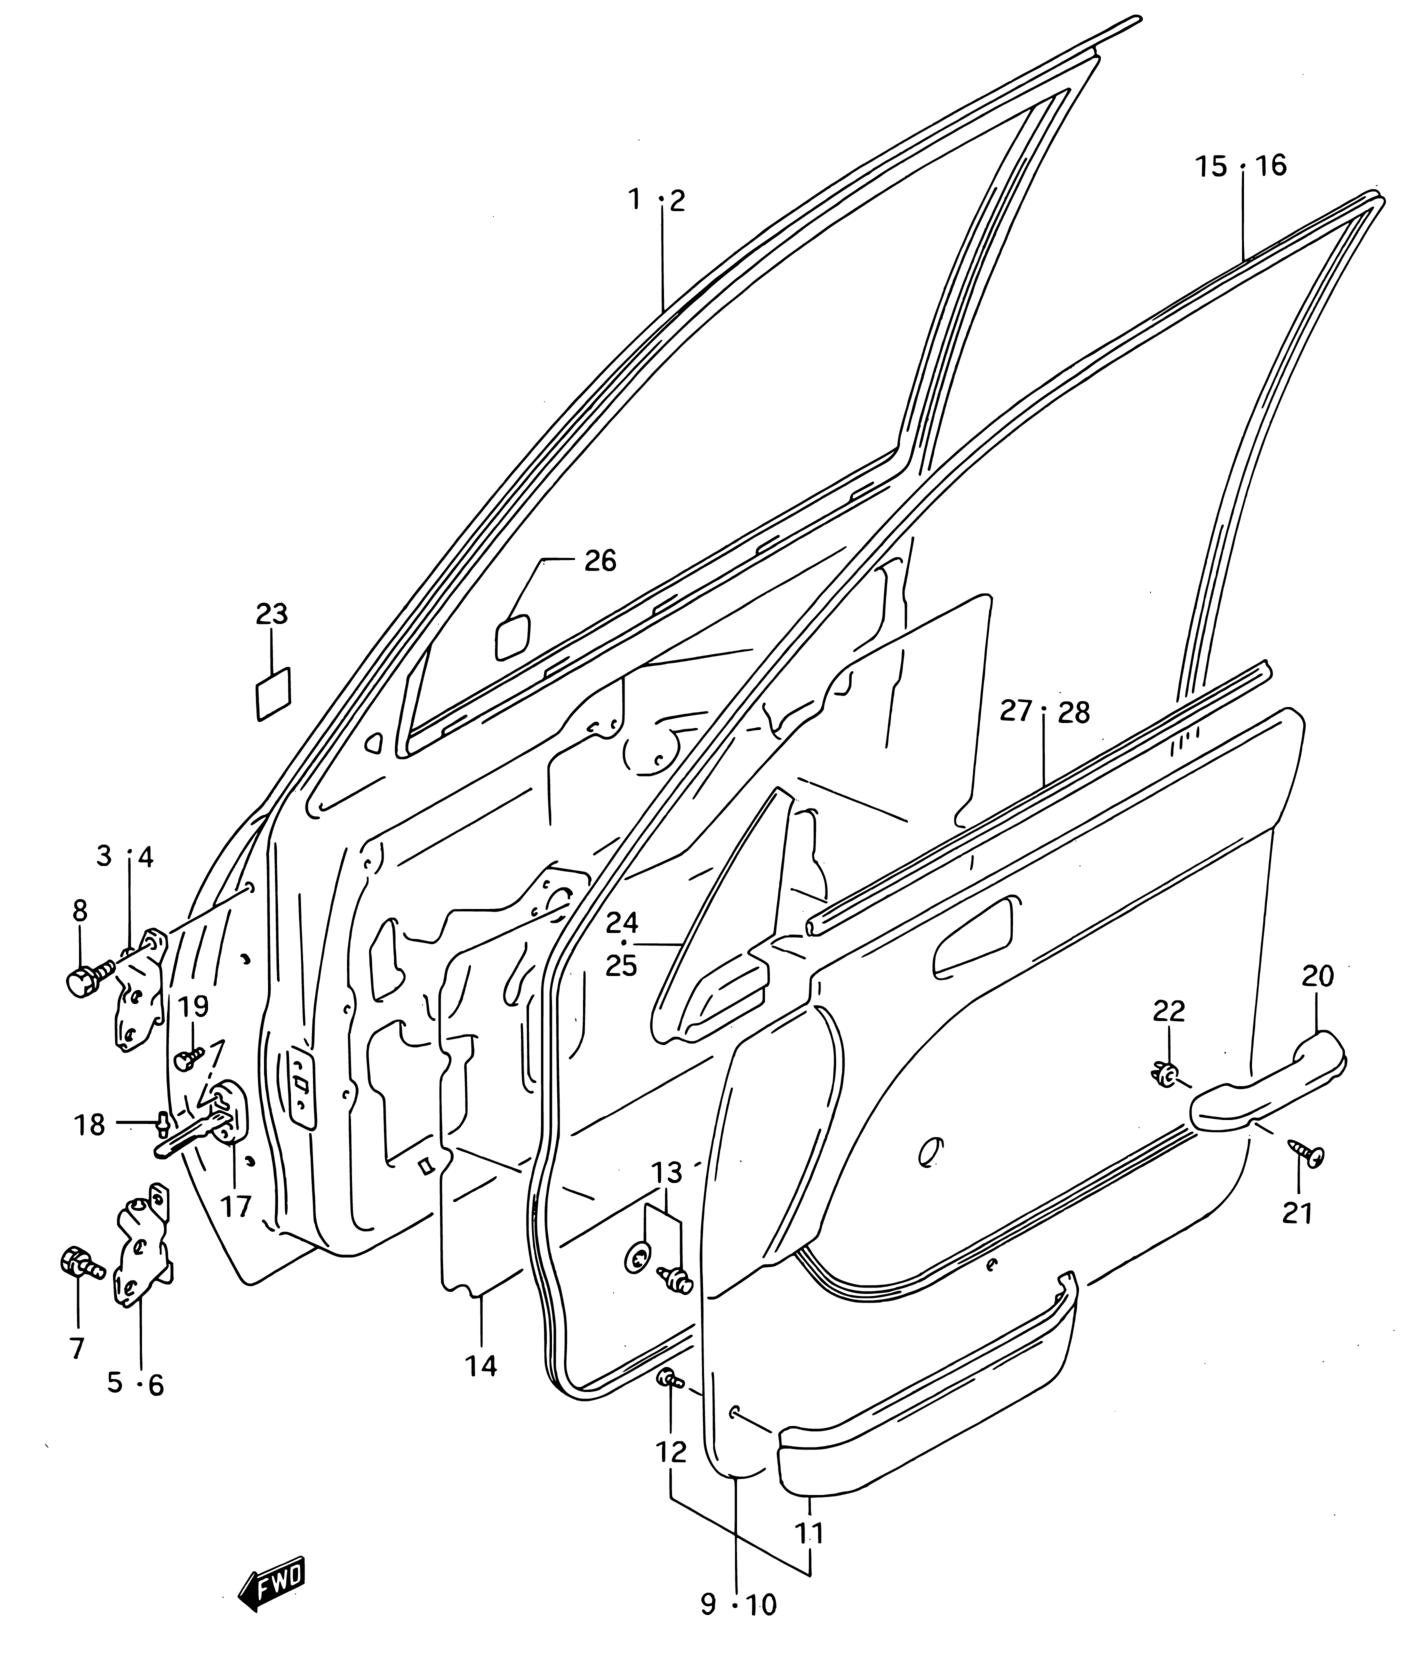 Suzuki Door Schematic Online Schematics Diagram Europe Swift Sf310 E66 Interior Trim 73 Front Panel Step 125 Wiring